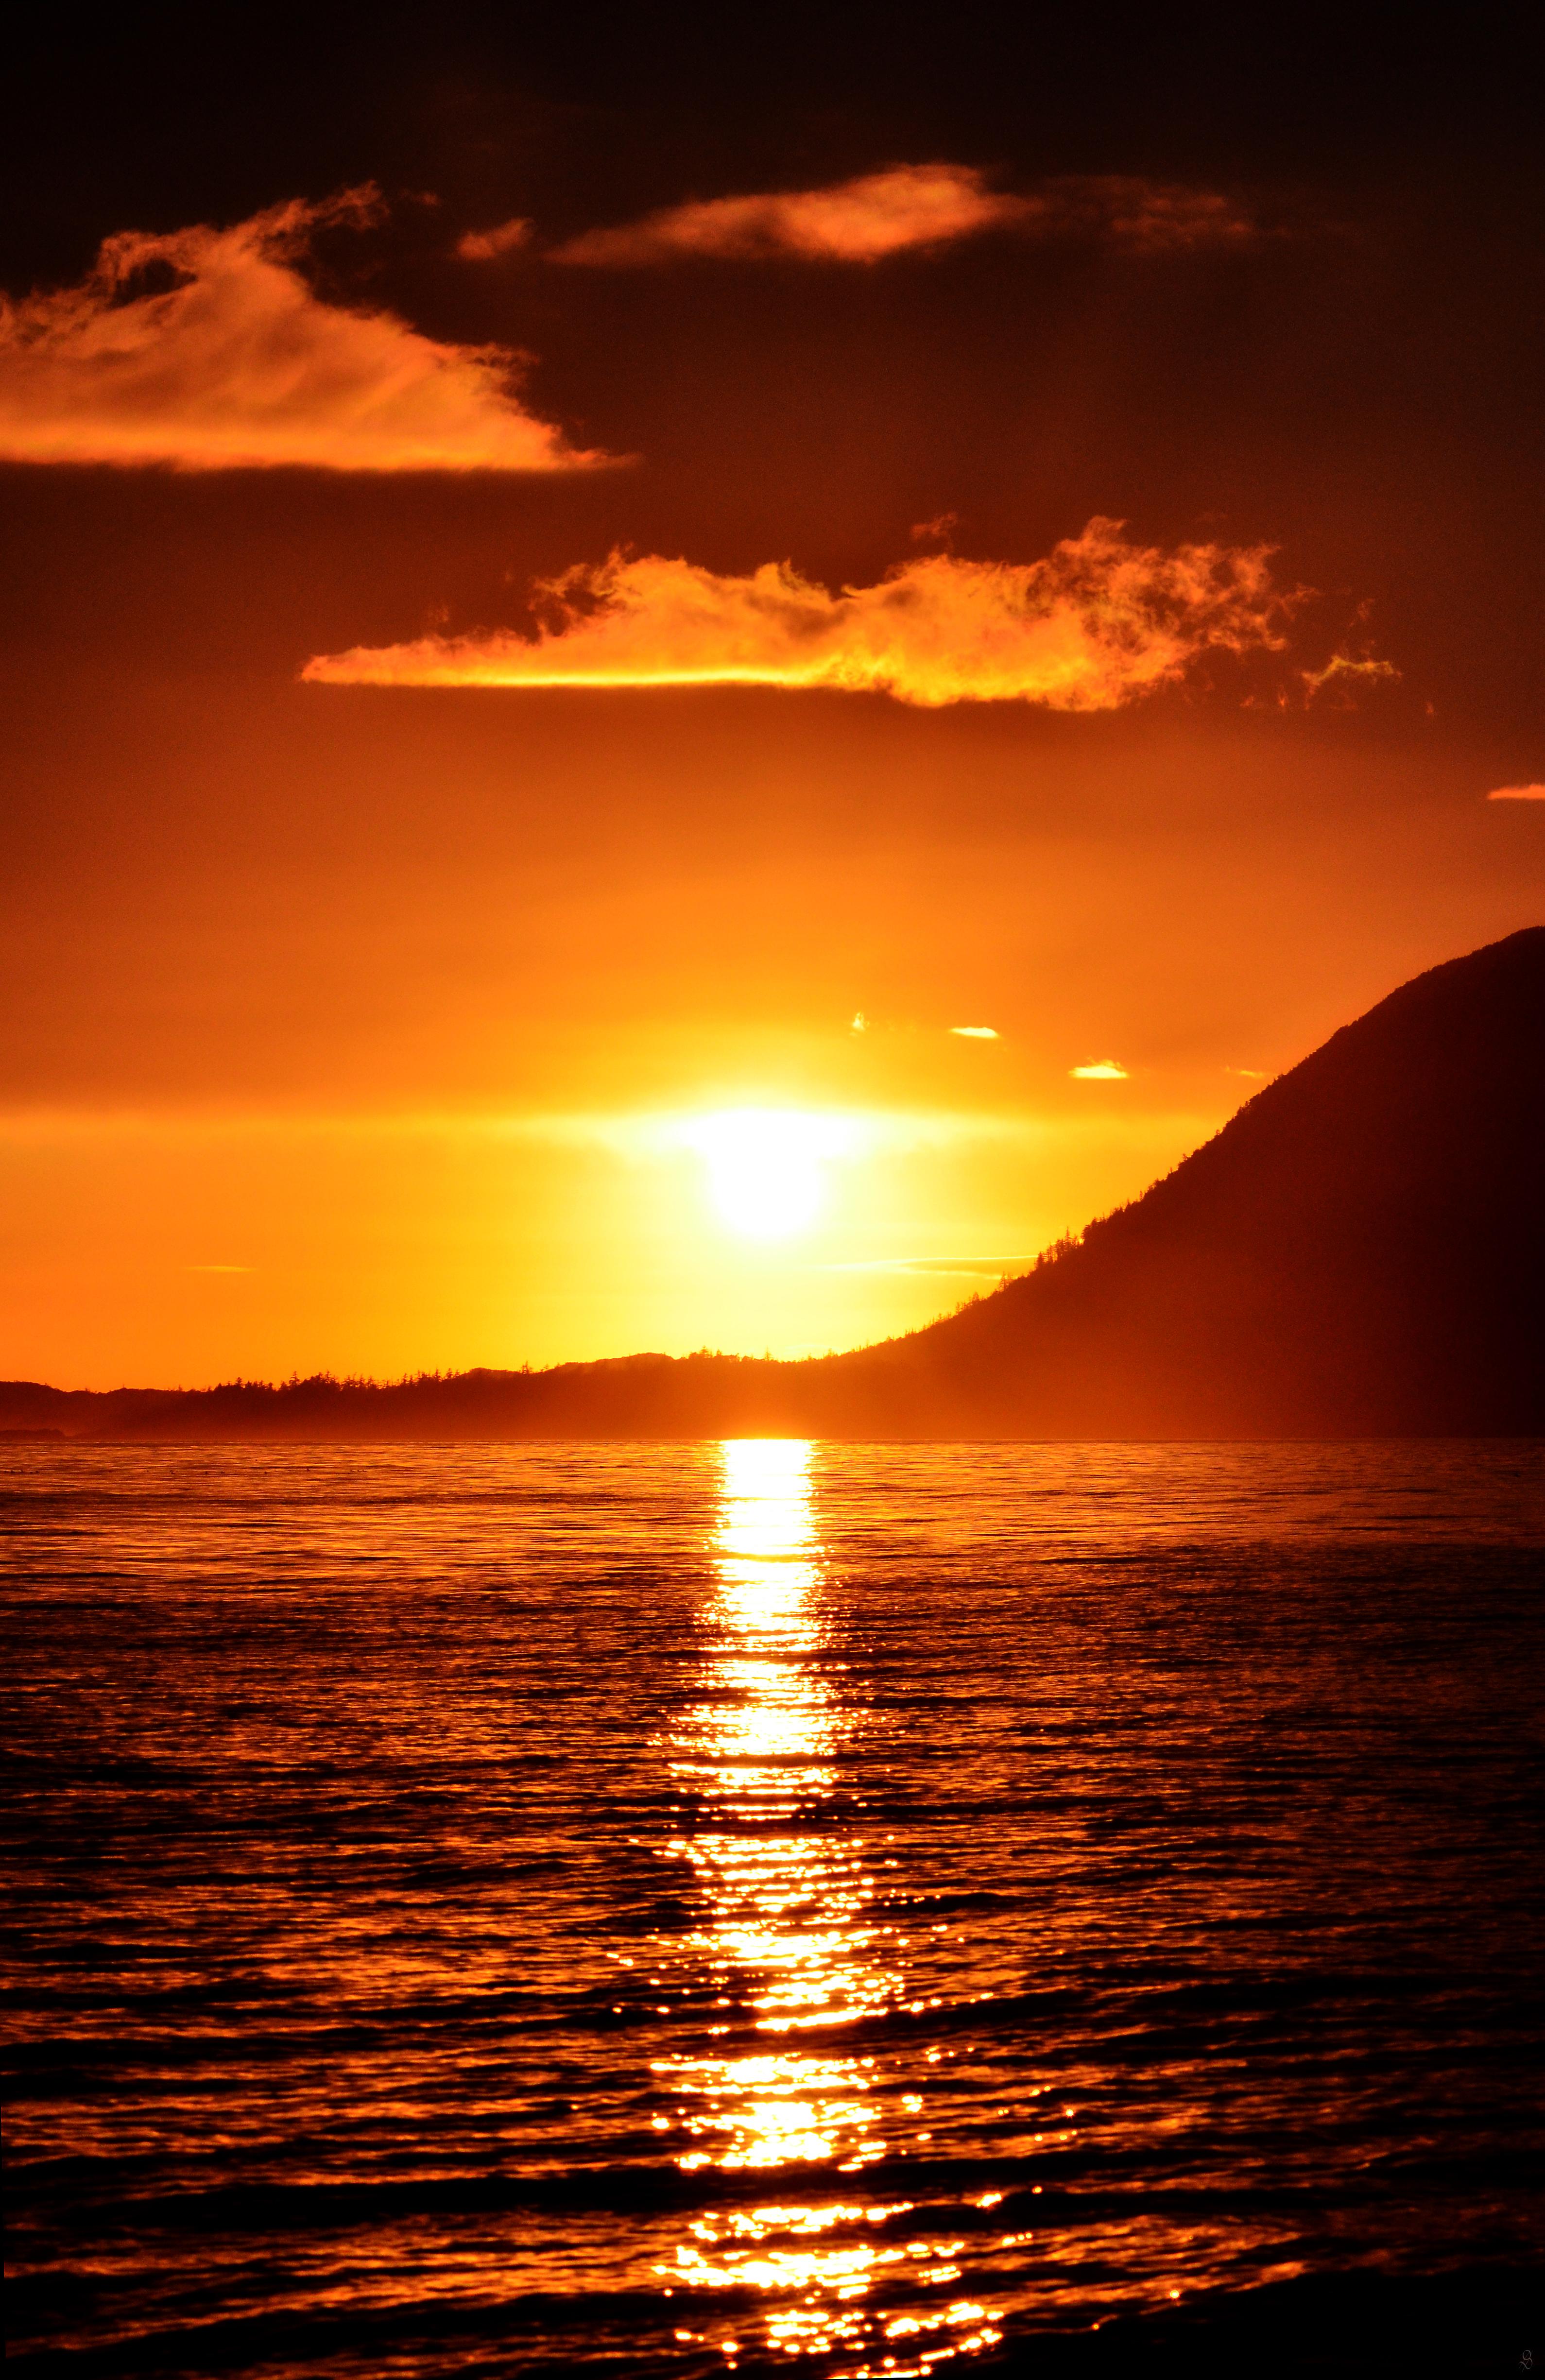 beautiful sunset sunsets - photo #10